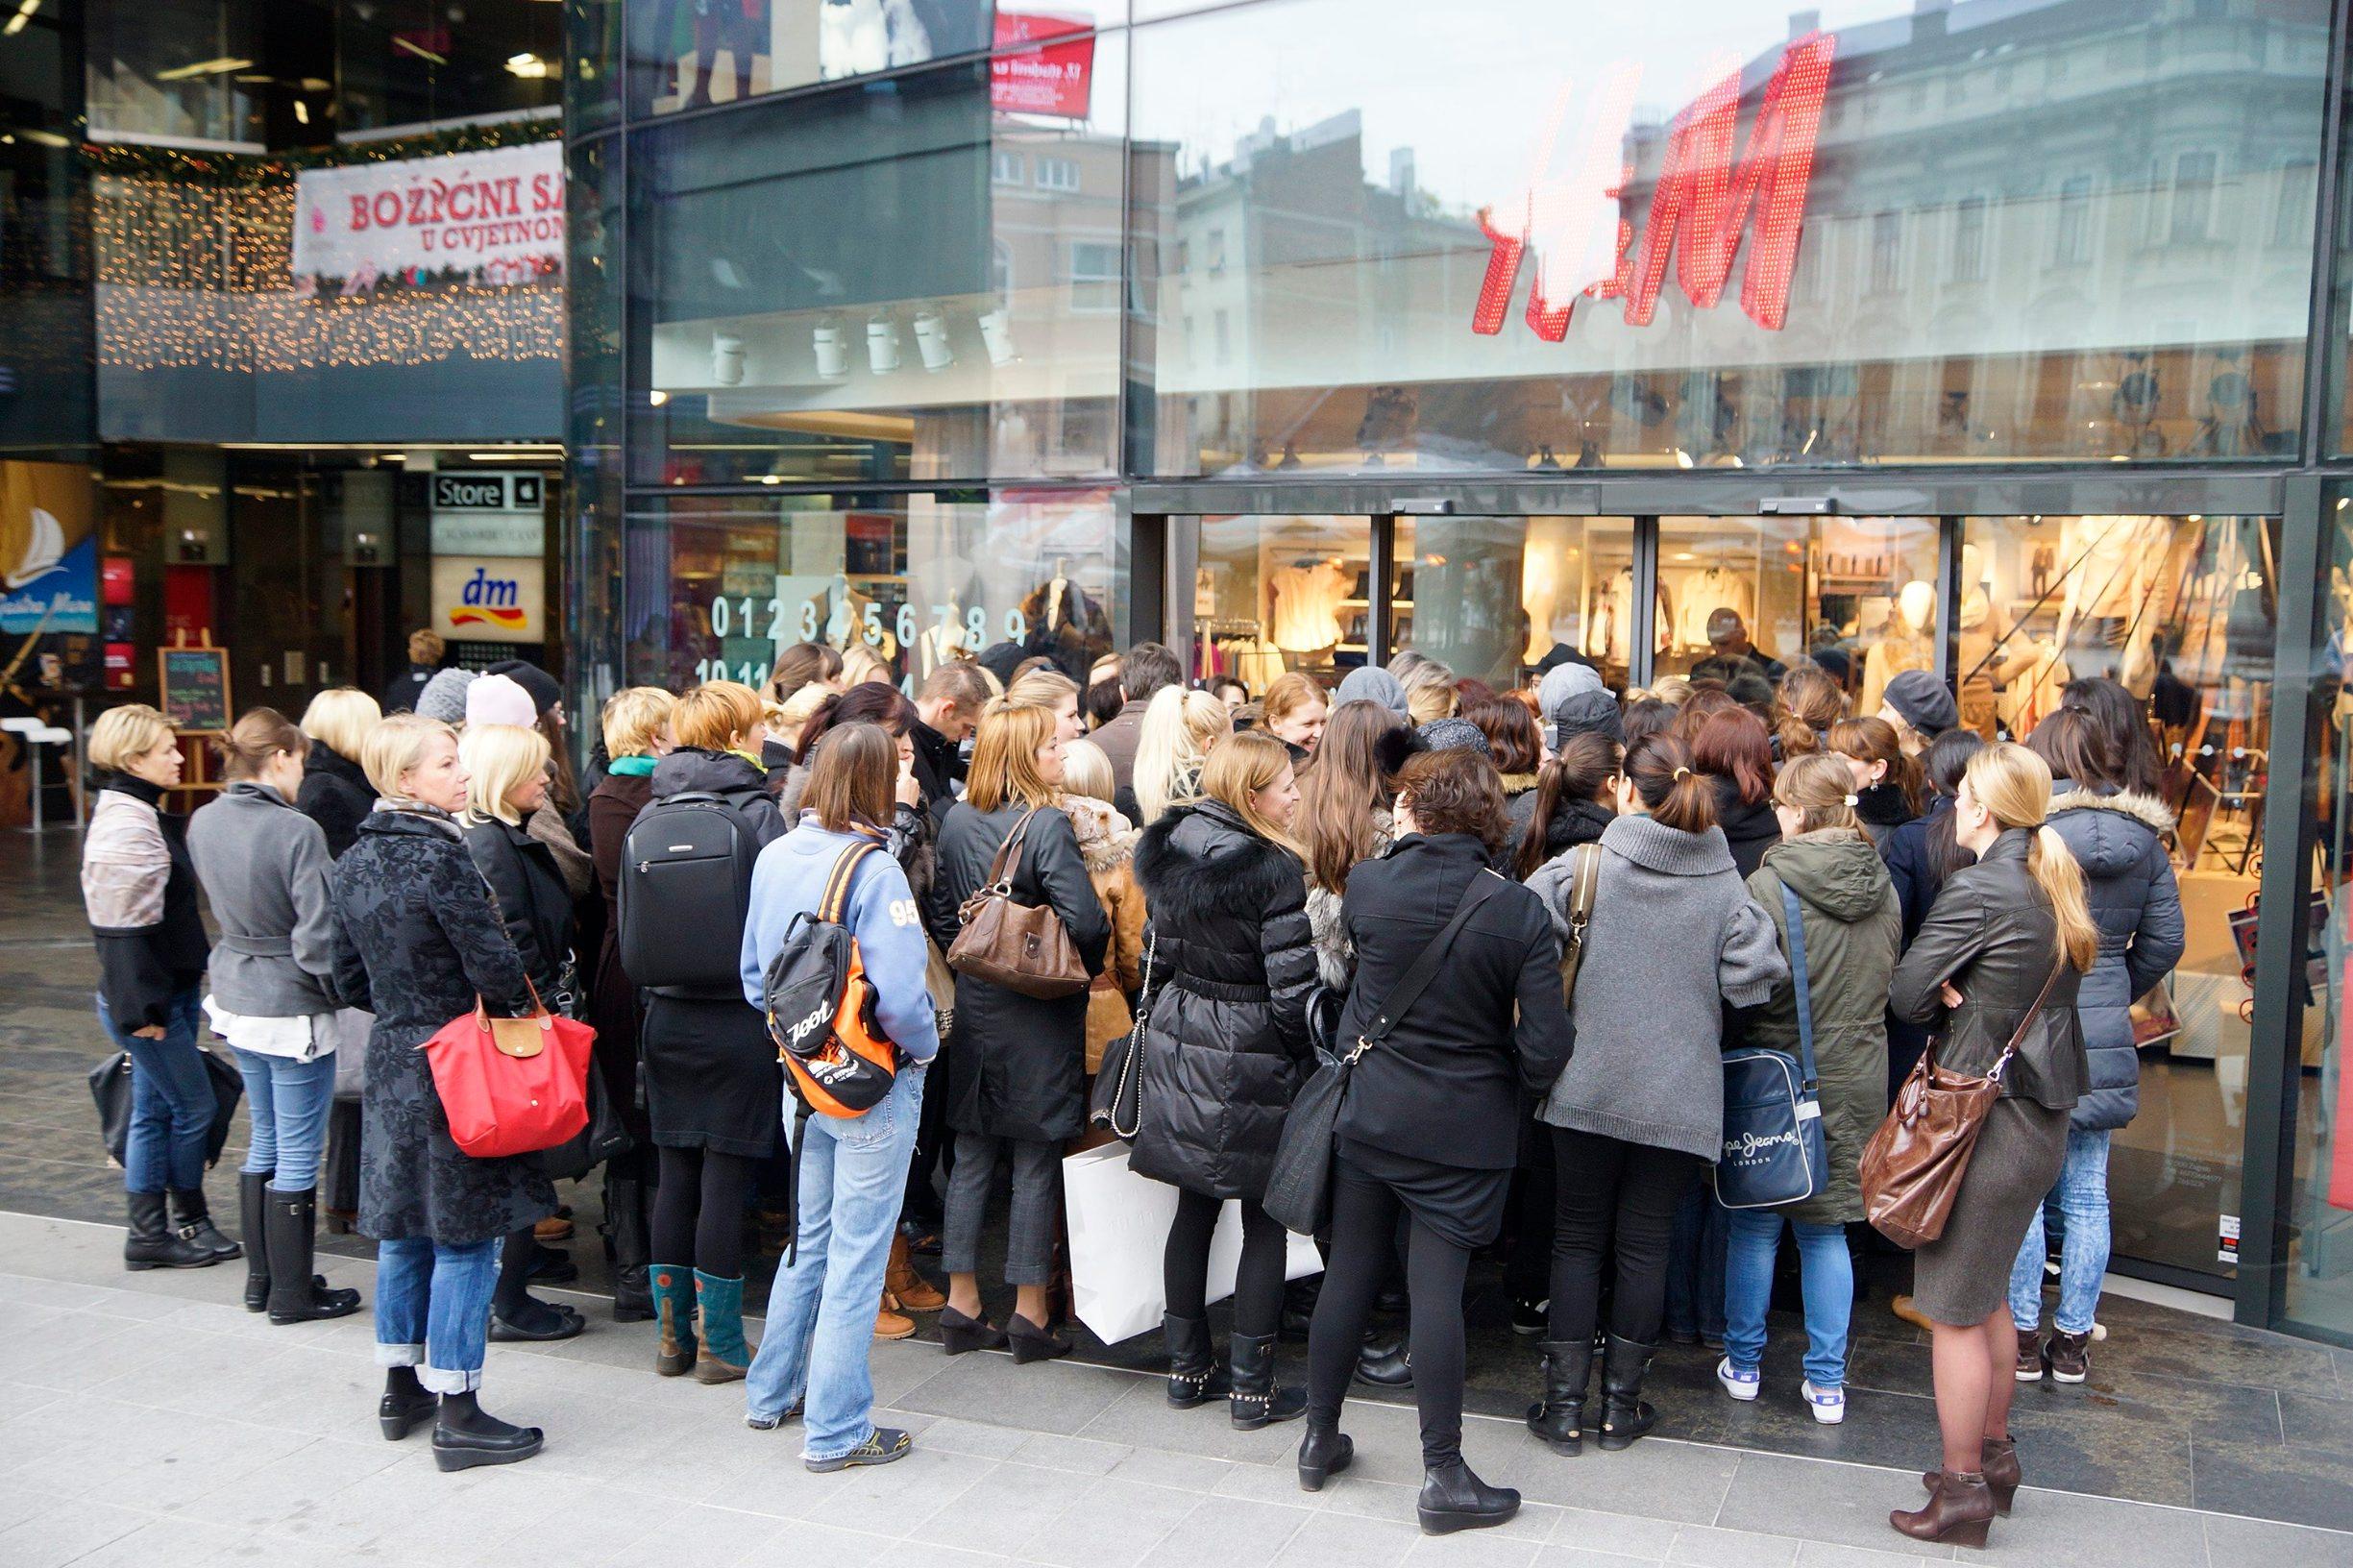 Zagreb, 151112. H&M, Cvjetni trg. Nakon sinocnjeg predstavljanja kolekcije Maison Martin Margiela u H&M trgovini jutros su kupci zeljeli sto prije ugrabiti svoj komad odjece ovog poznatog kreatora. Na fotografiji: guzva prije otvaranja trgovine. Foto: Marko Todorov / CROPIX